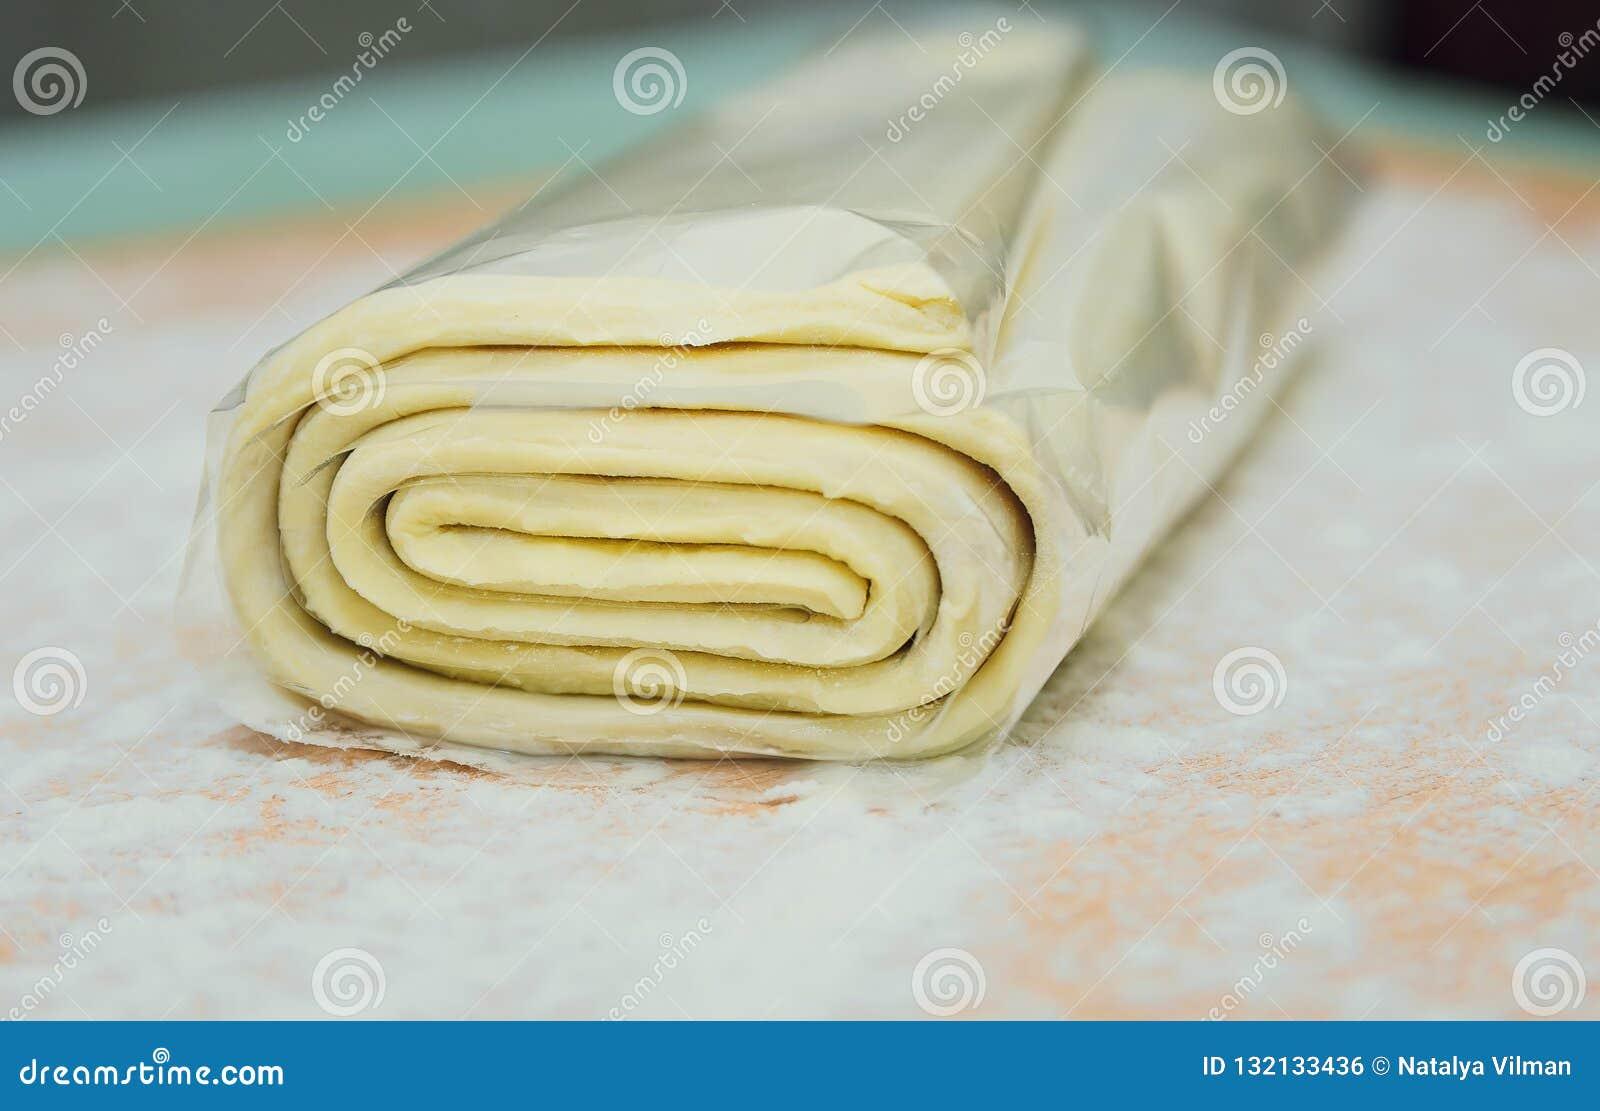 Pasta sfoglia sulla tavola, cucinante